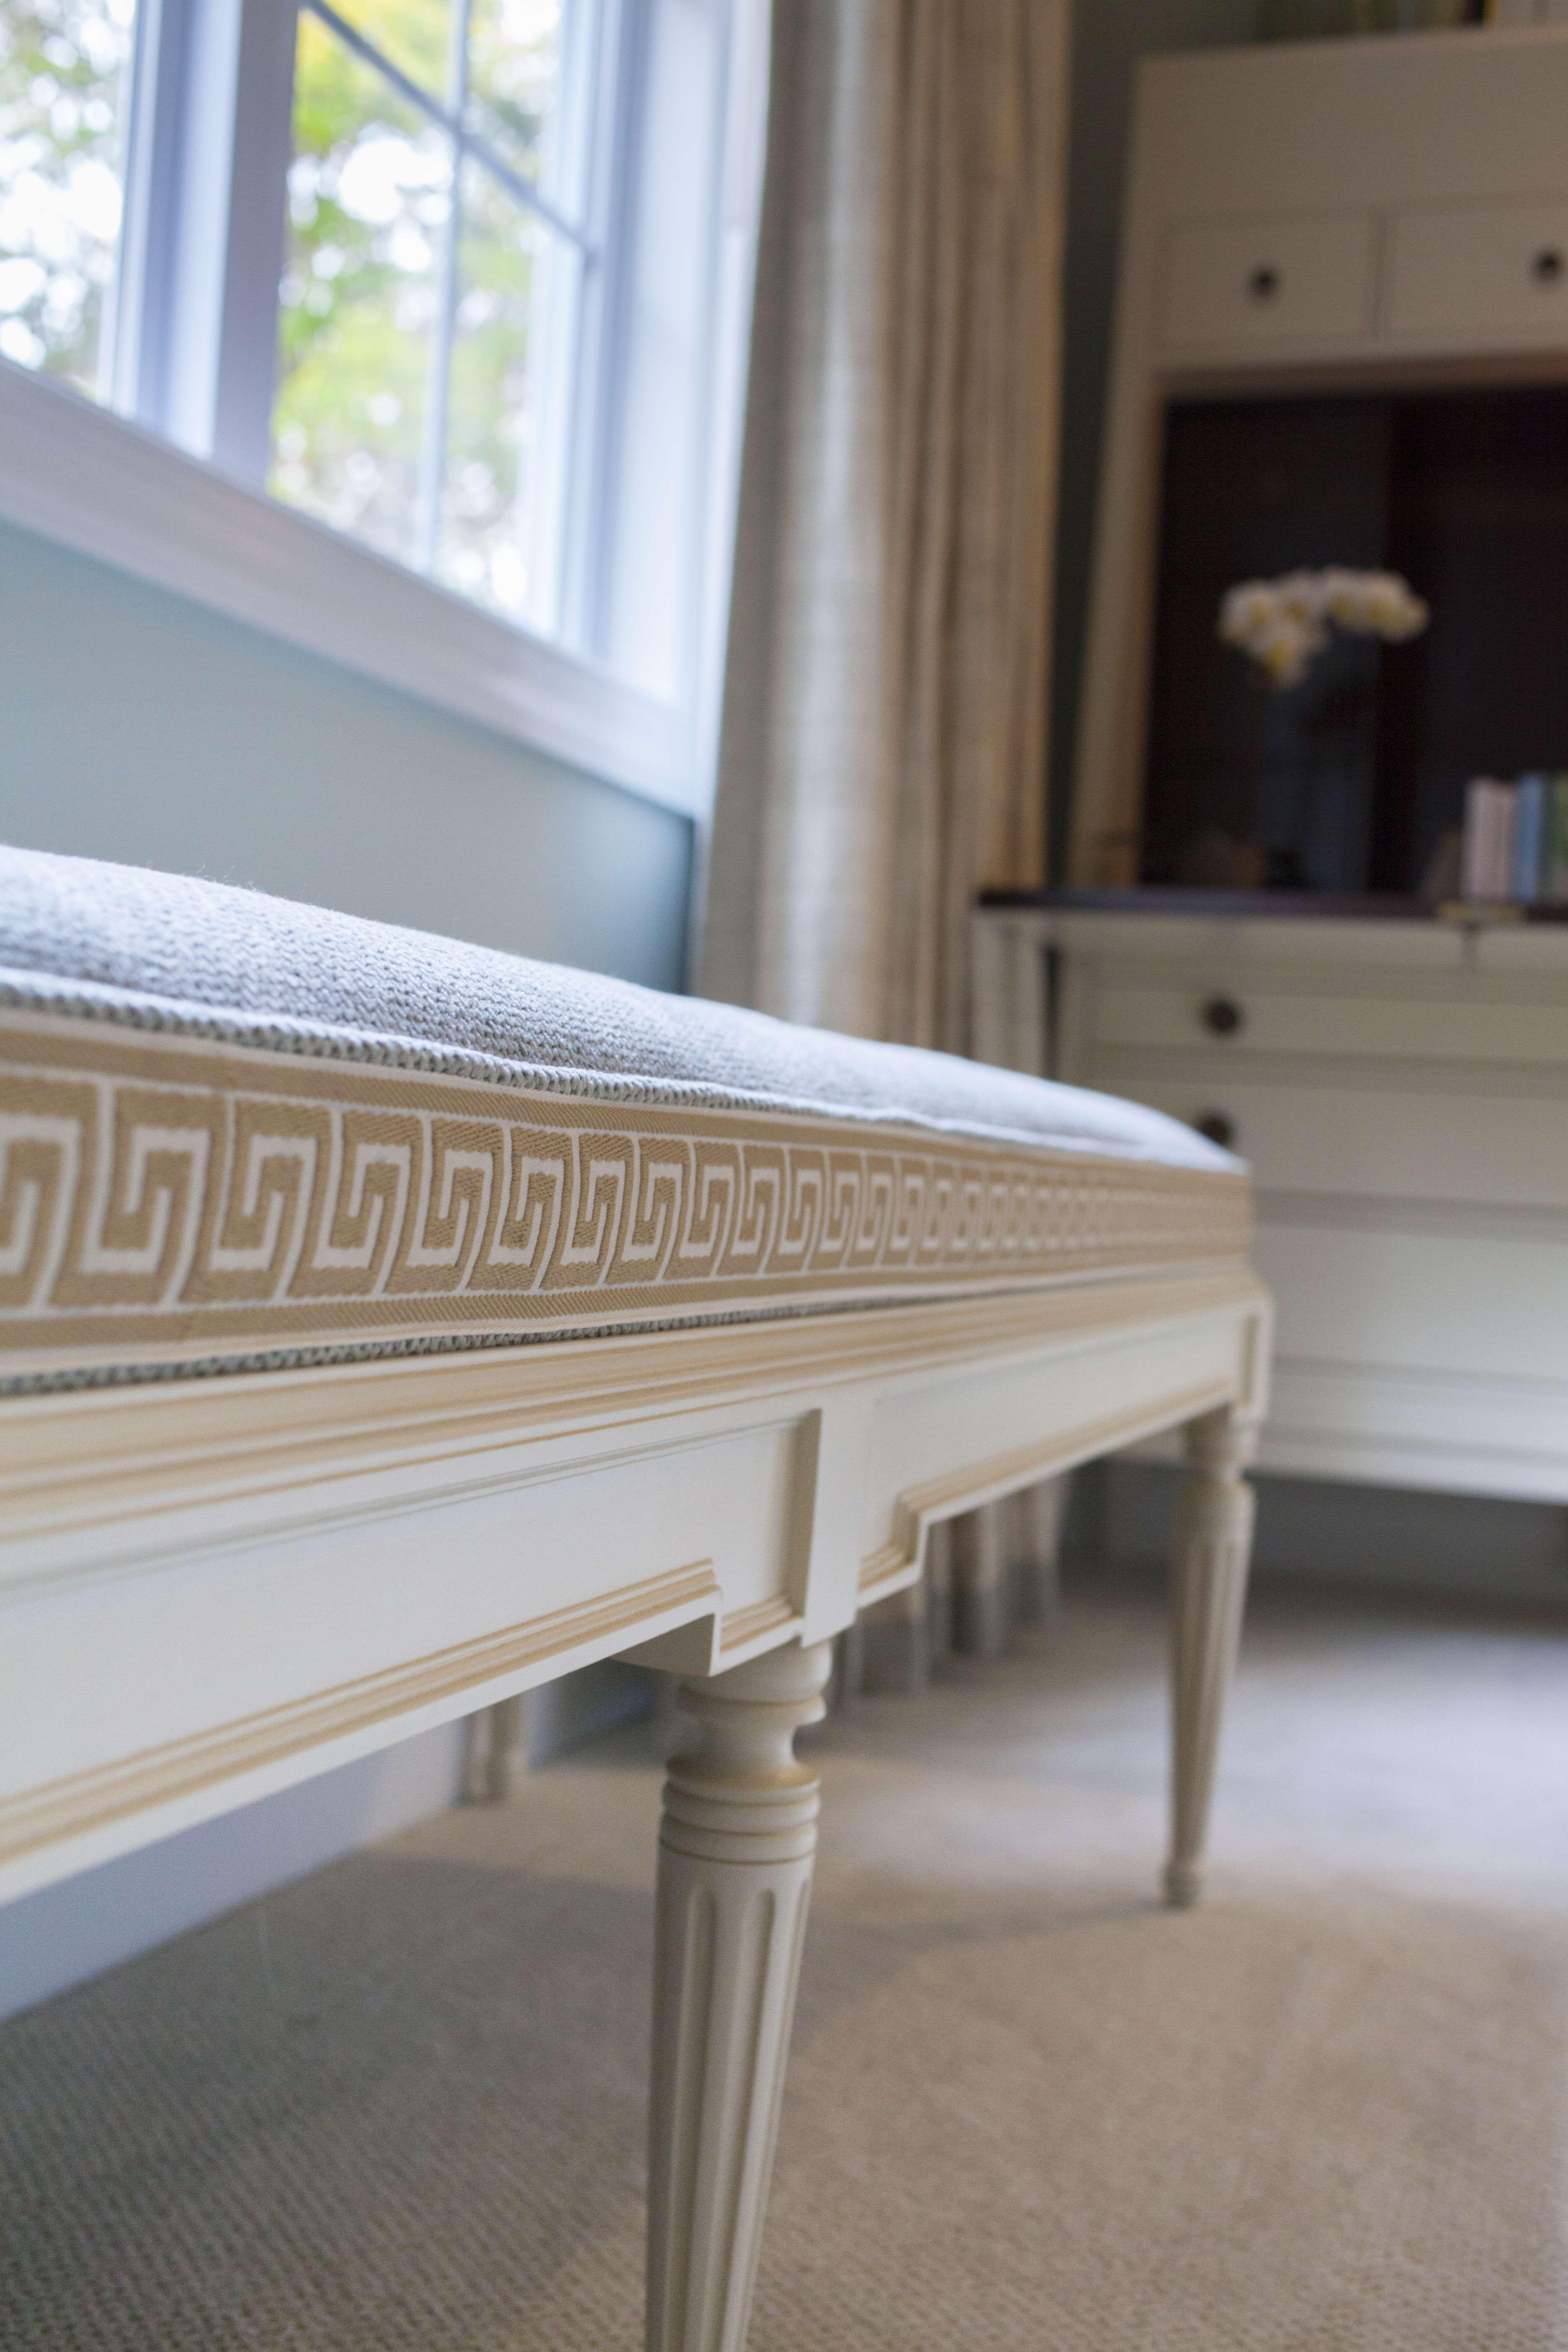 die besten 25 hickory chair ideen auf pinterest sch ne speises le luxus m bel und. Black Bedroom Furniture Sets. Home Design Ideas